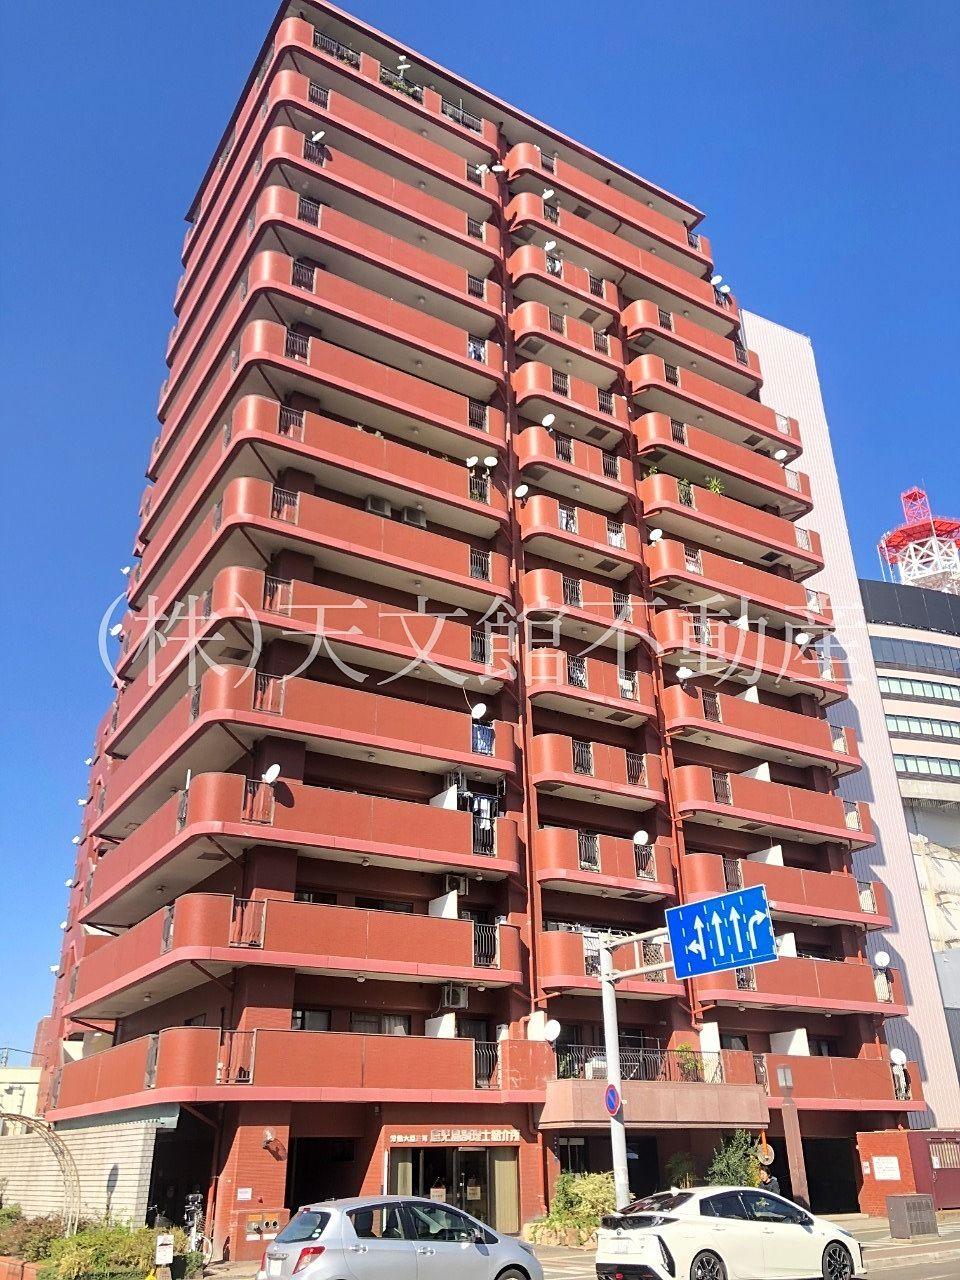 鹿児島市松原町「第6鶴丸ハイツ中央」売却物件募集中。売却無料・買取査定無料。